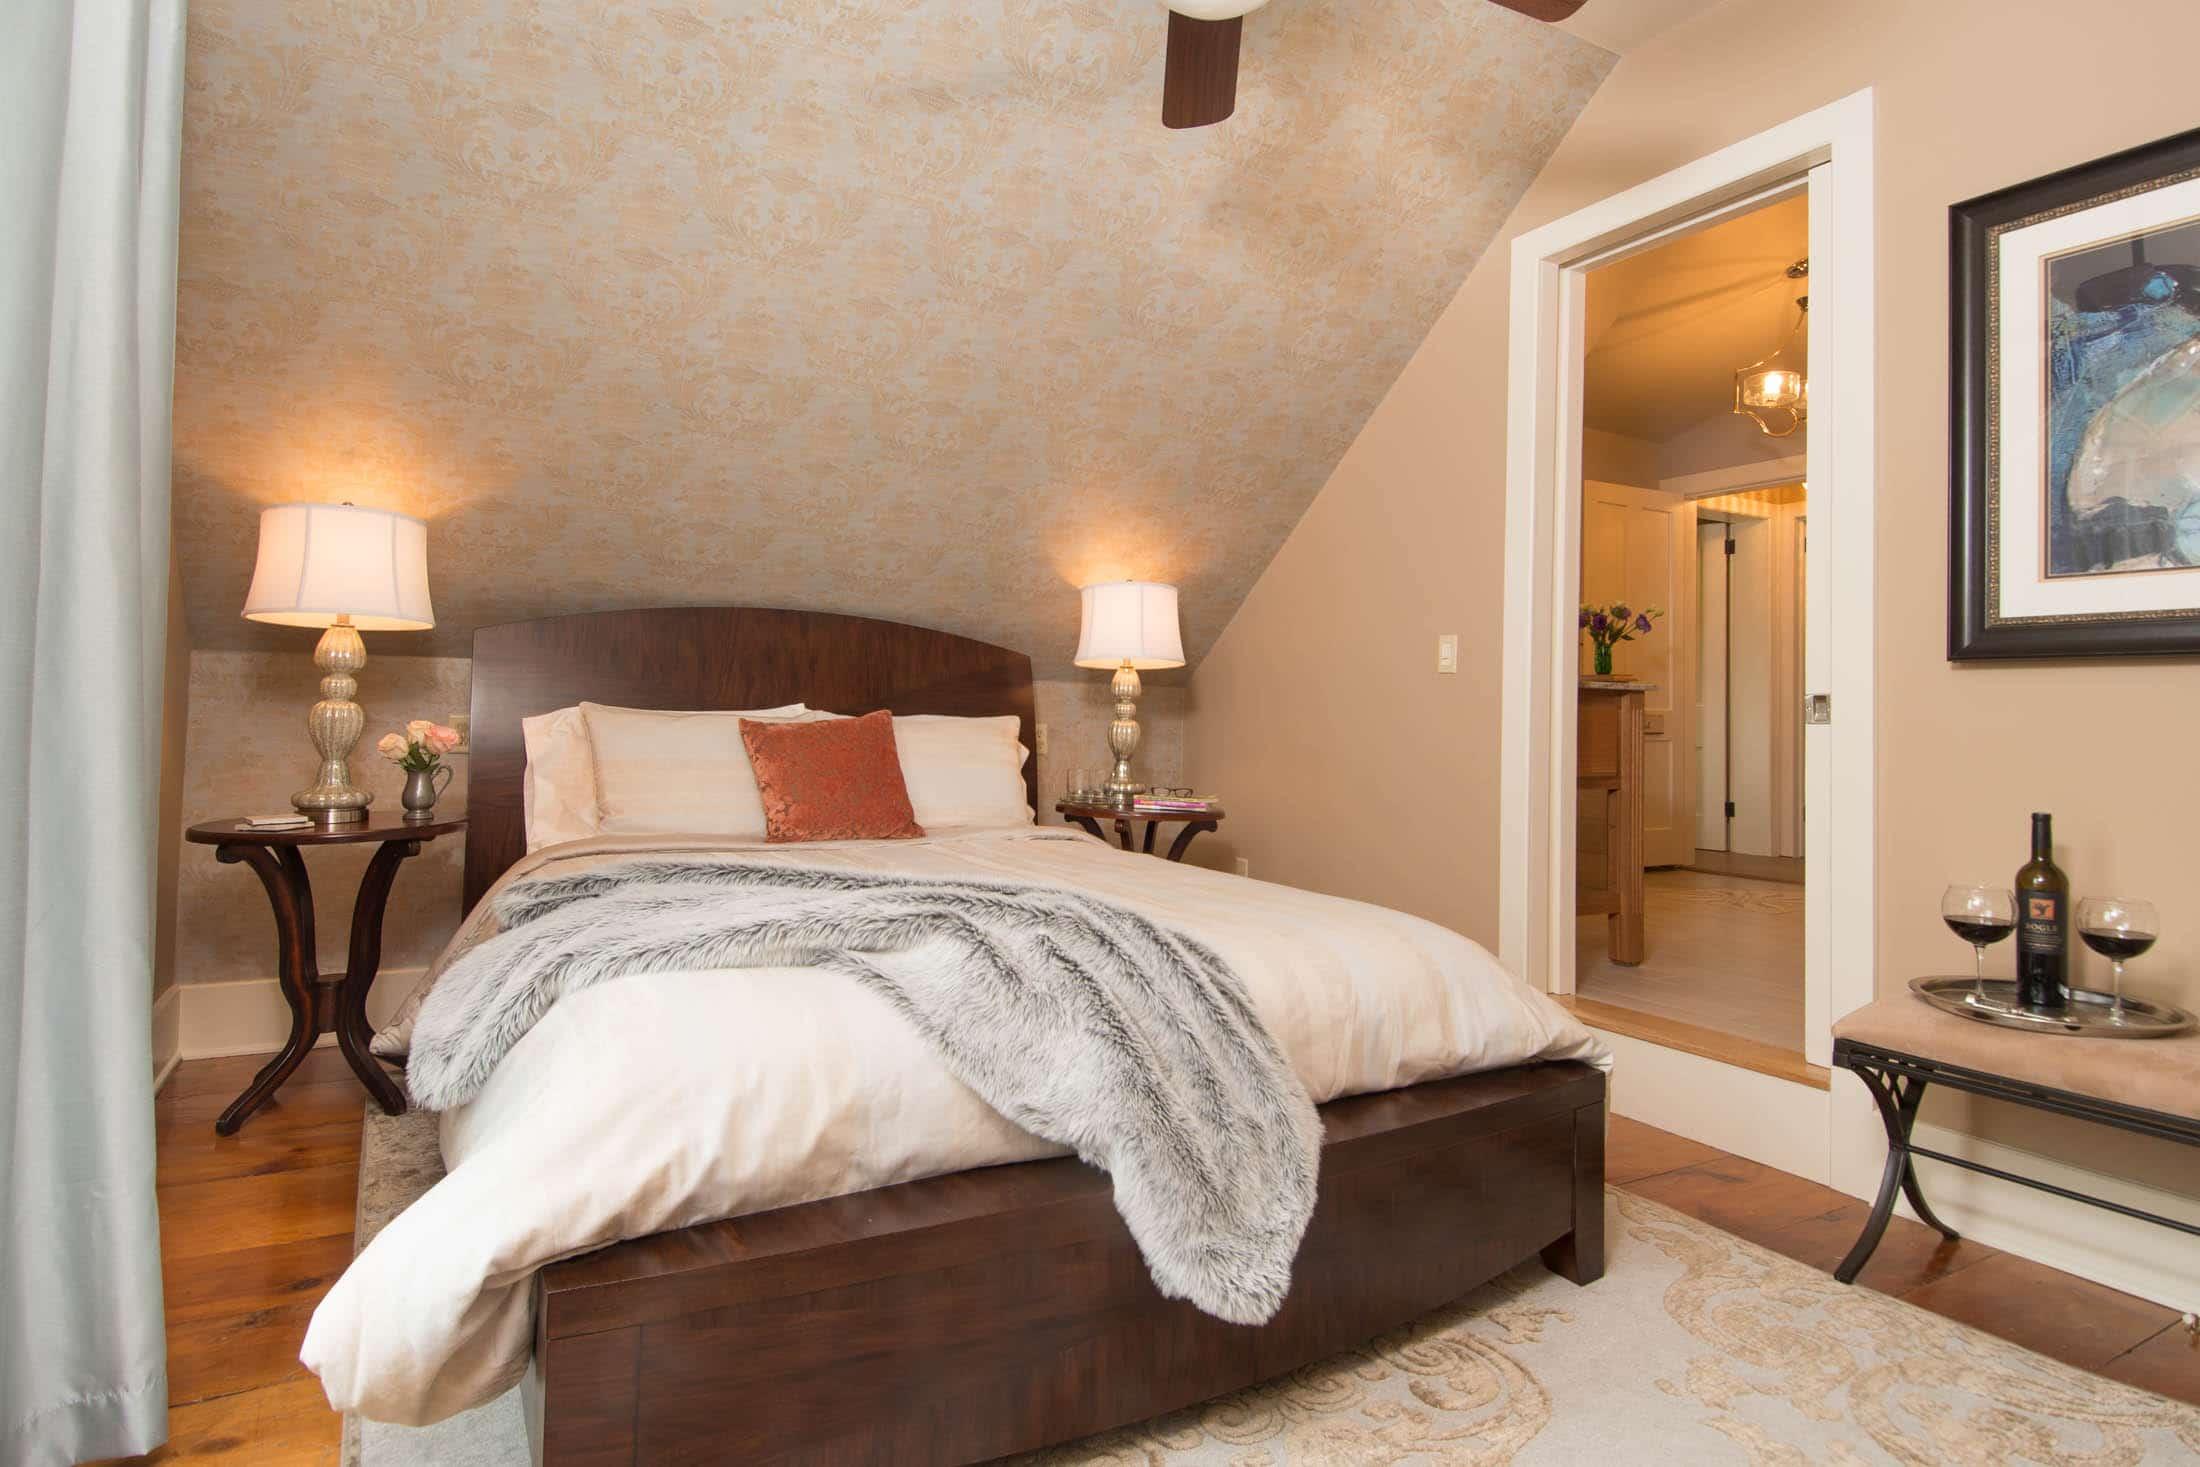 bedroom at inn